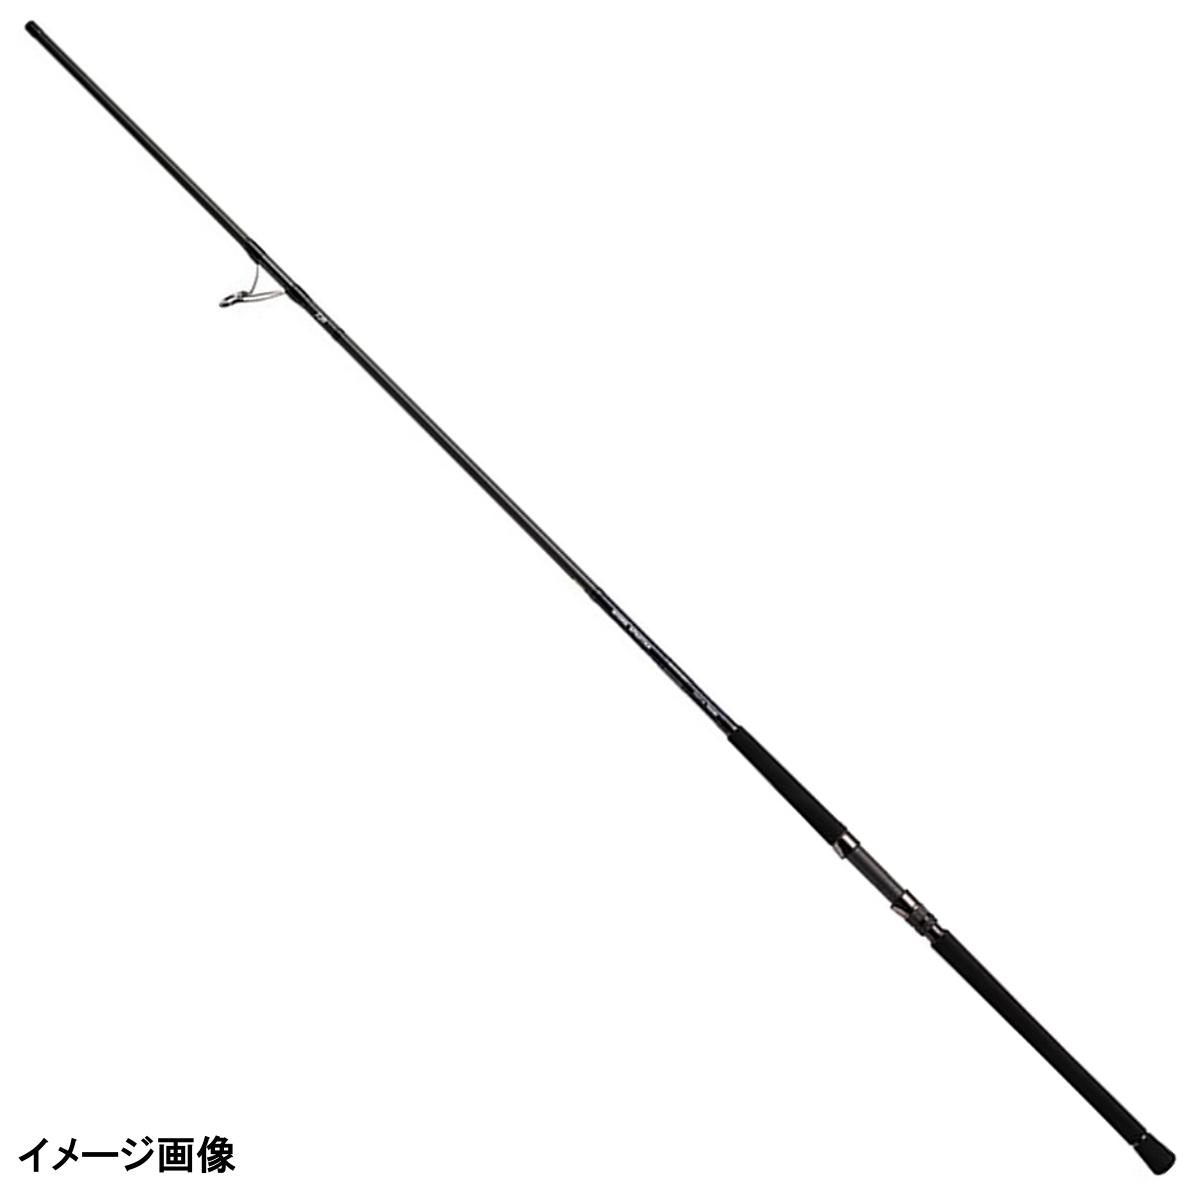 ダイワ ショアスパルタン コースタル 96HH【大型商品】【送料無料】